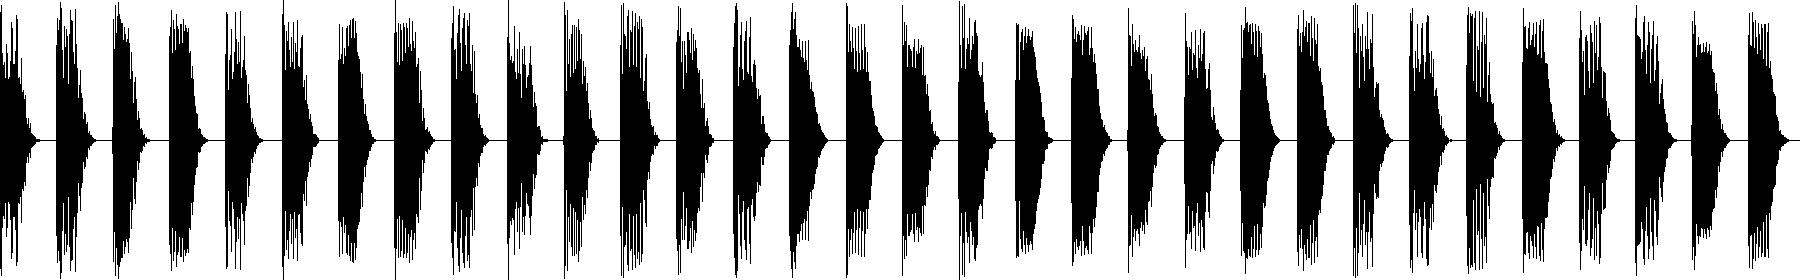 bass16 115